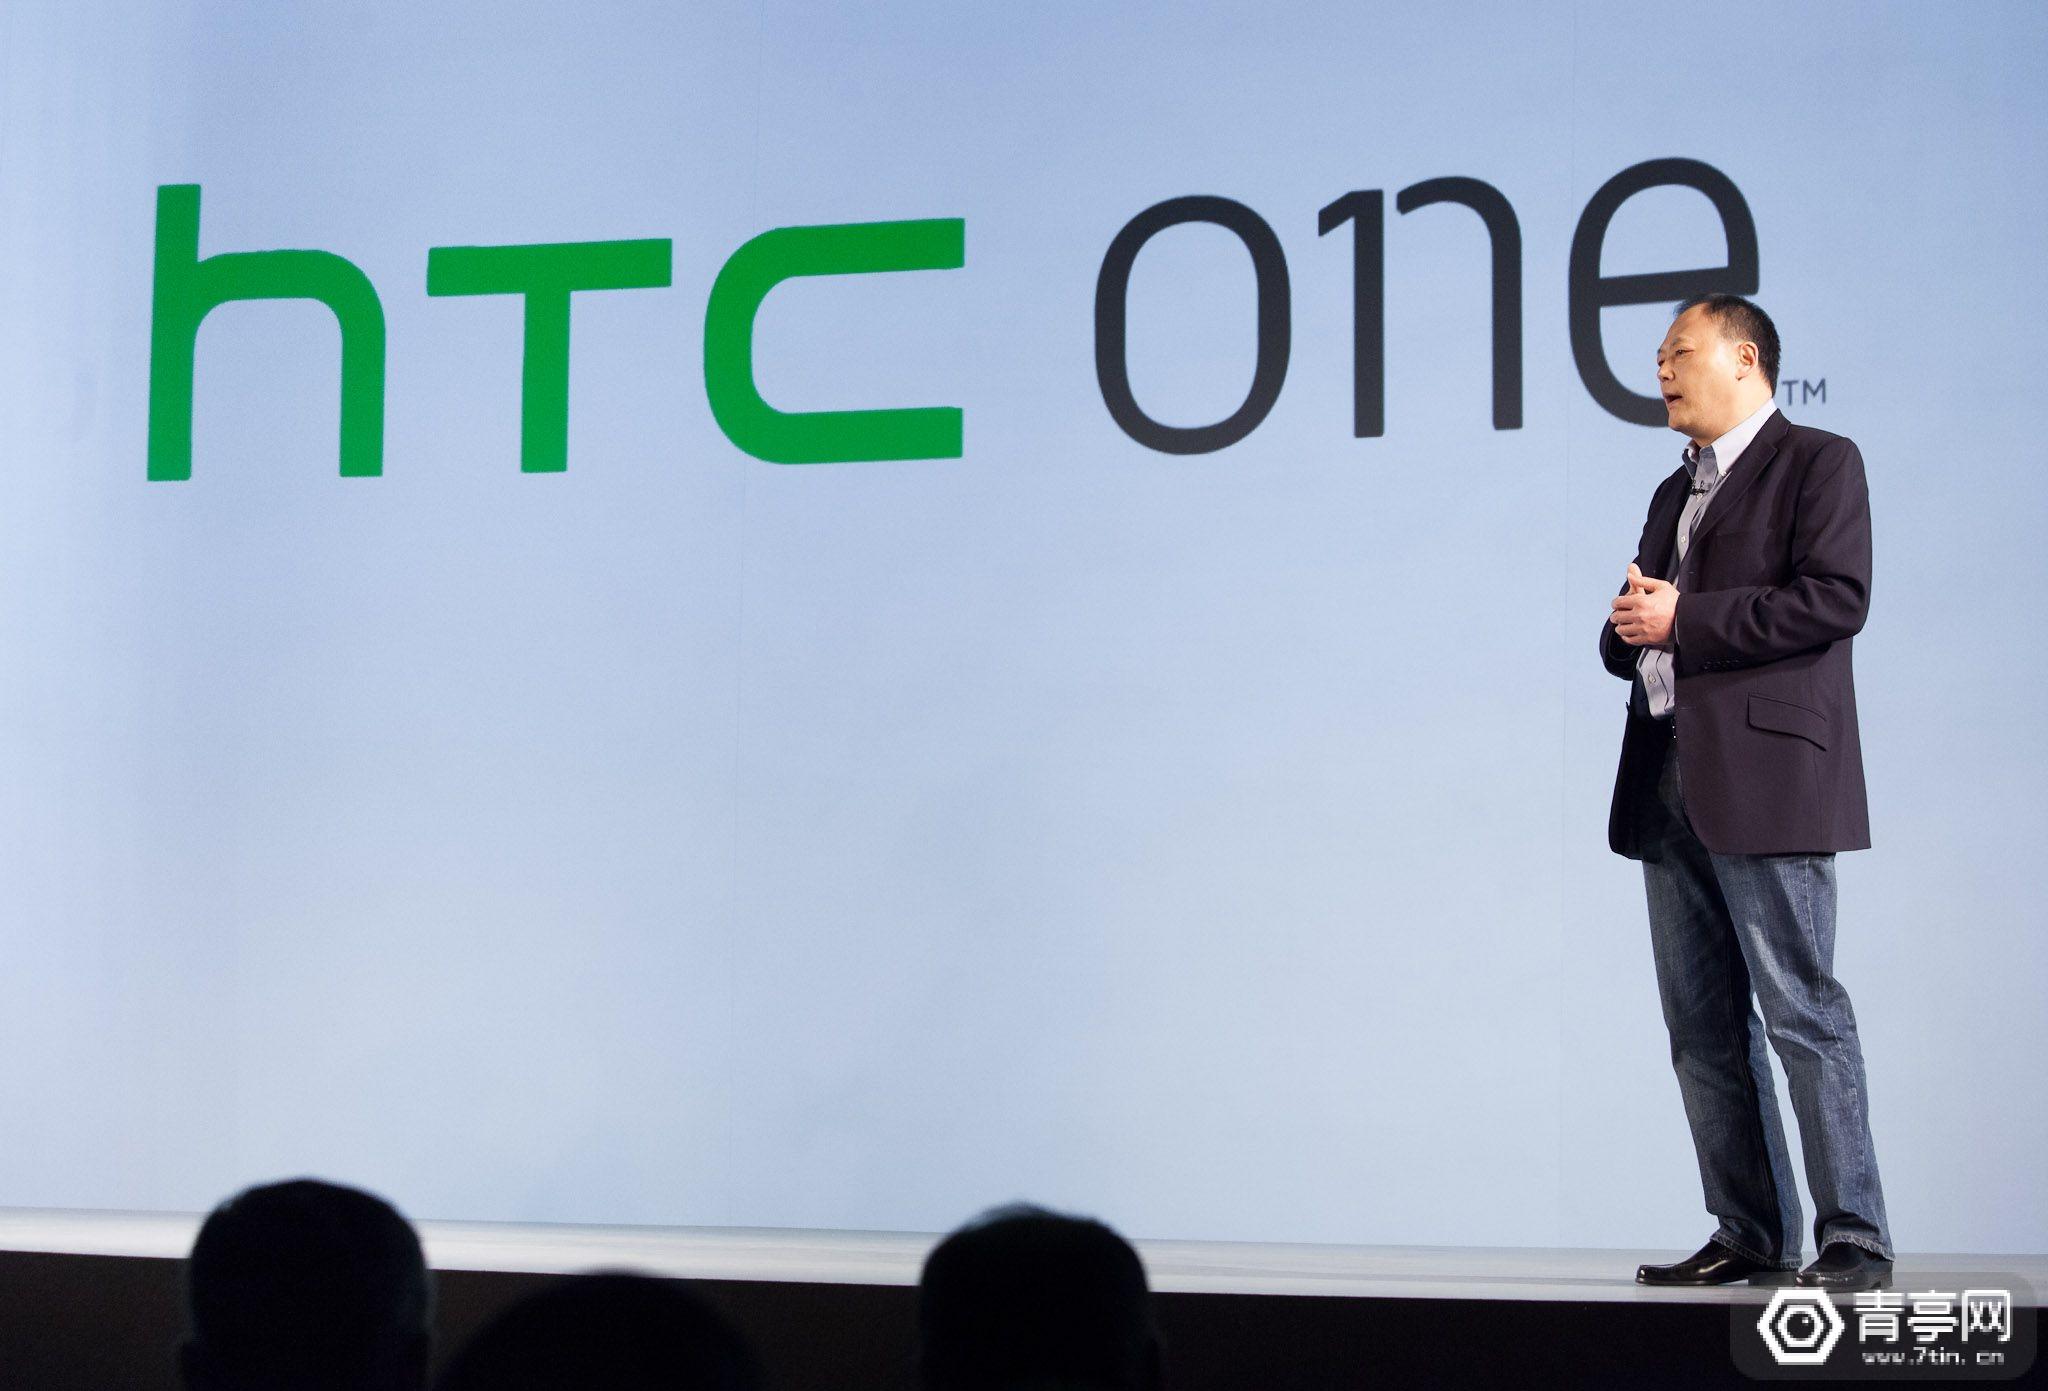 """外媒揭秘HTC手机""""死因"""":决策失误 """"令人恐惧""""的企业文化"""